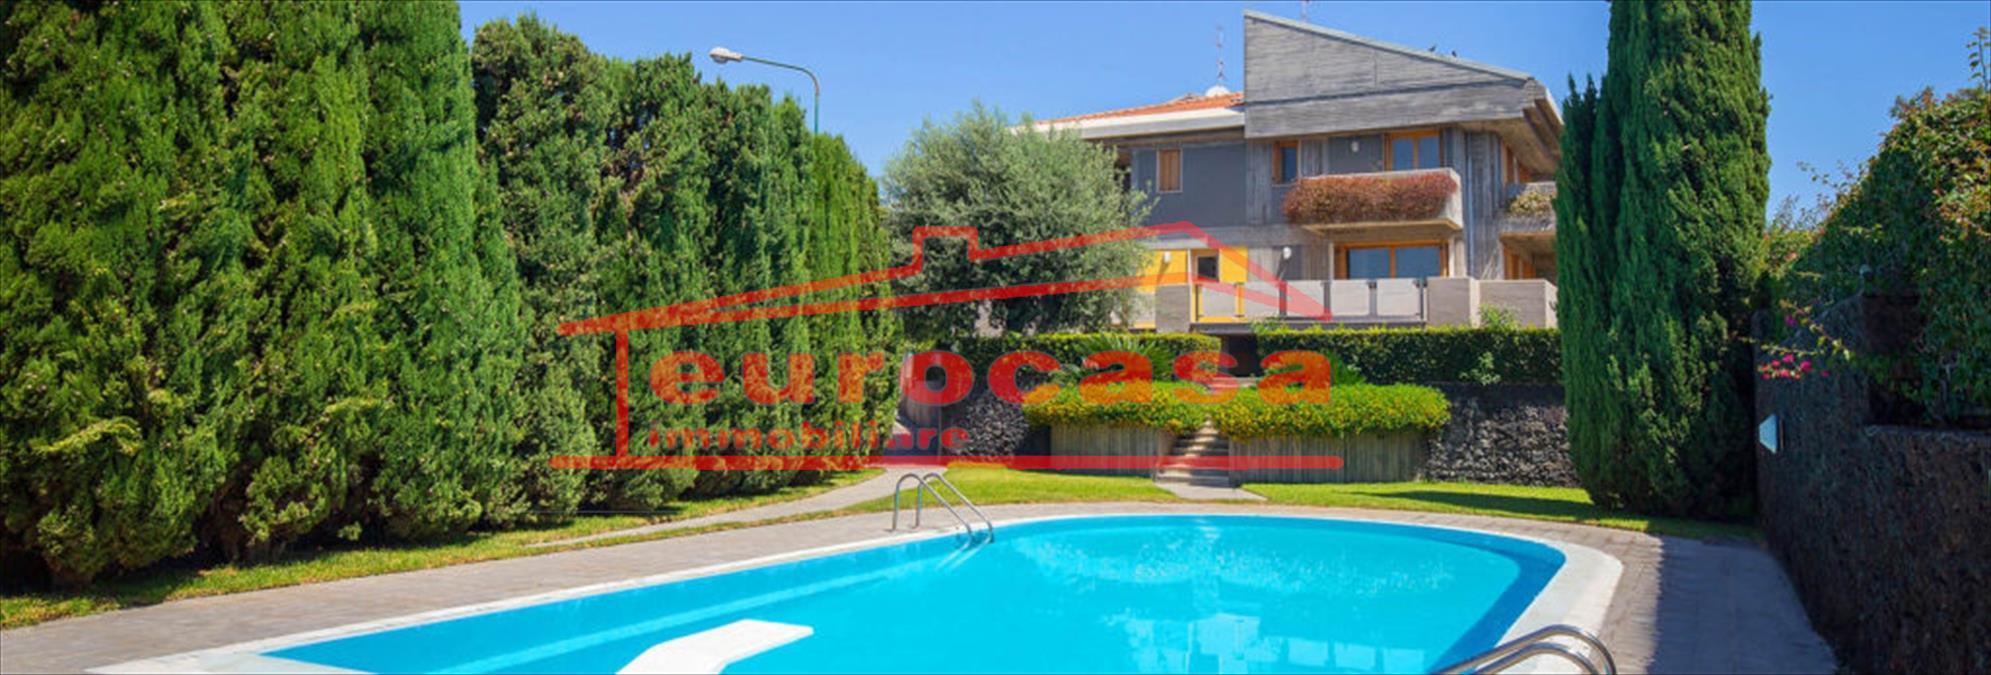 Villa bifamiliare San Gregorio di Catania V3/18